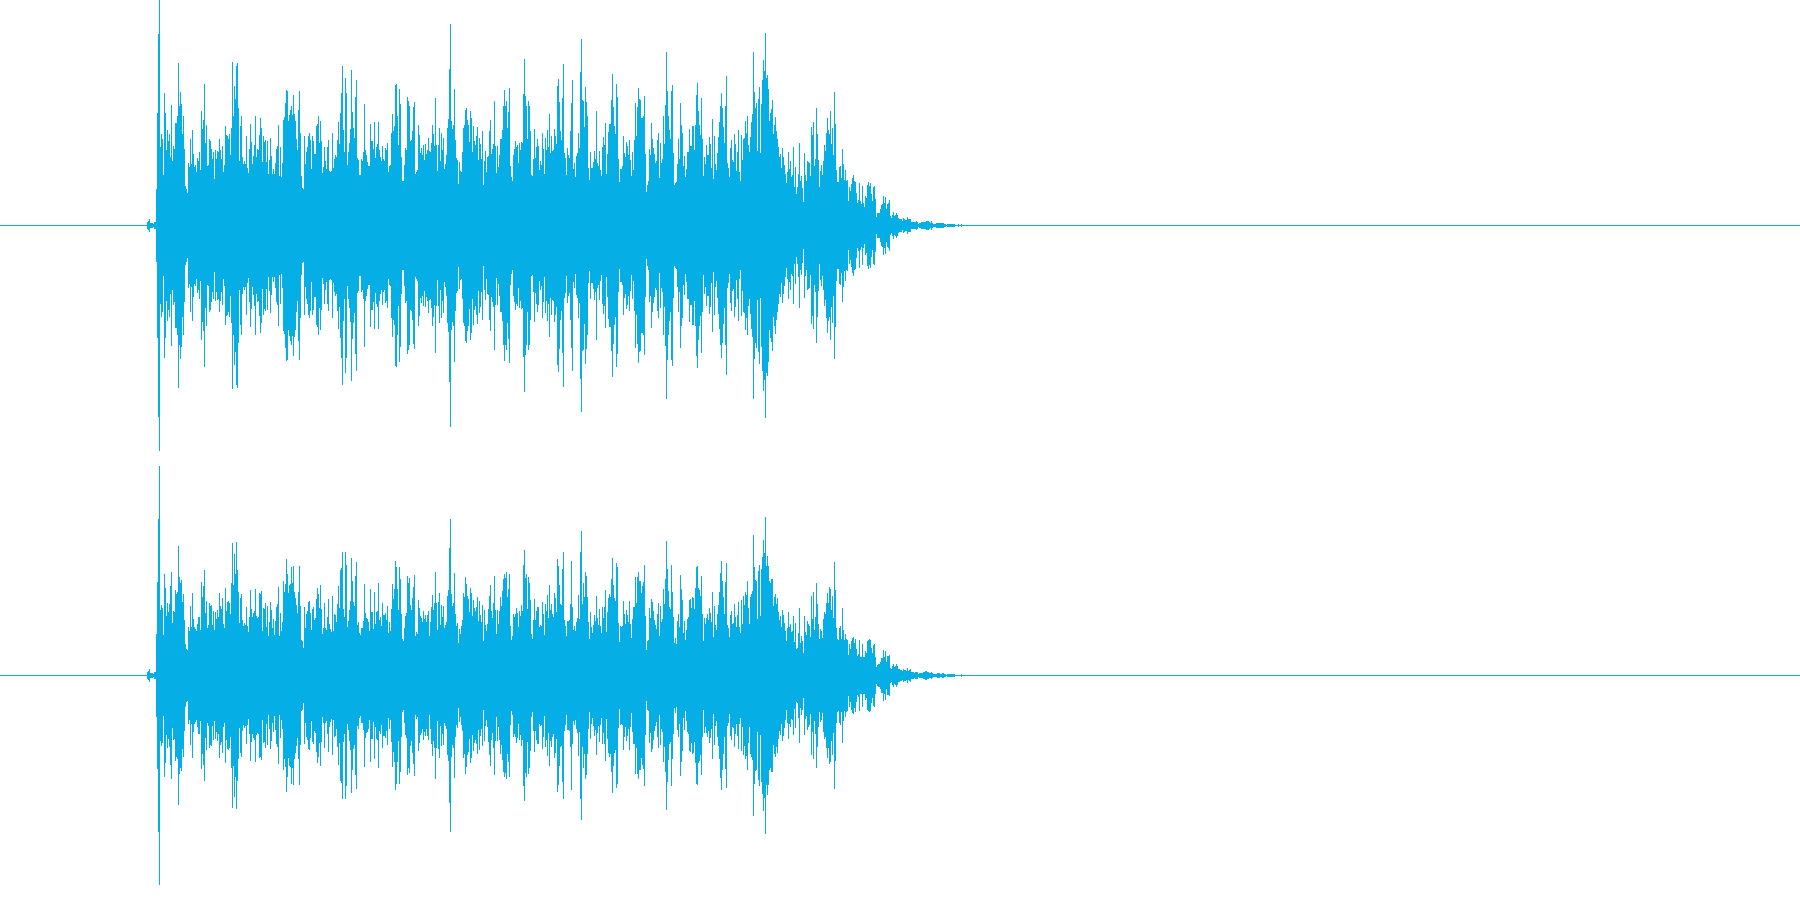 キュルルルルル!高速回転音の再生済みの波形